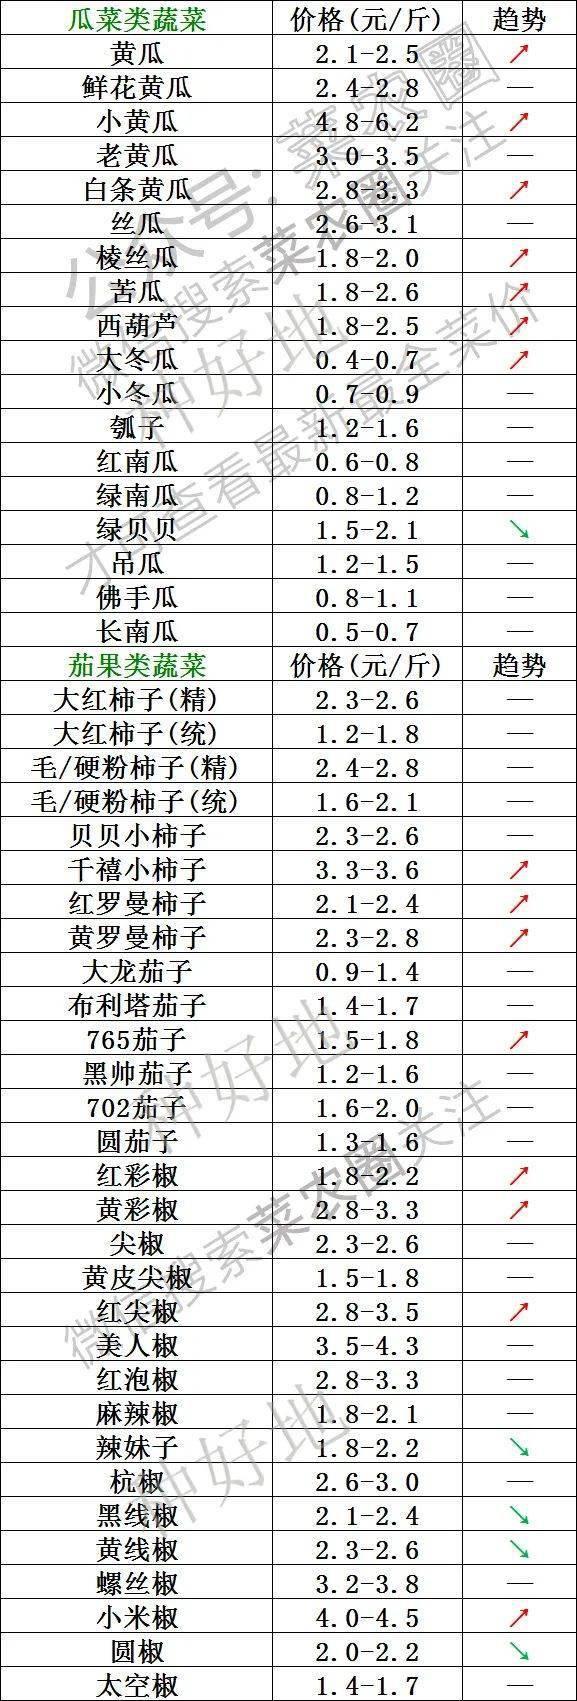 2021年9月4日北京新发地,山东寿光,云南,河北石家庄今日蔬菜价格行情一览表